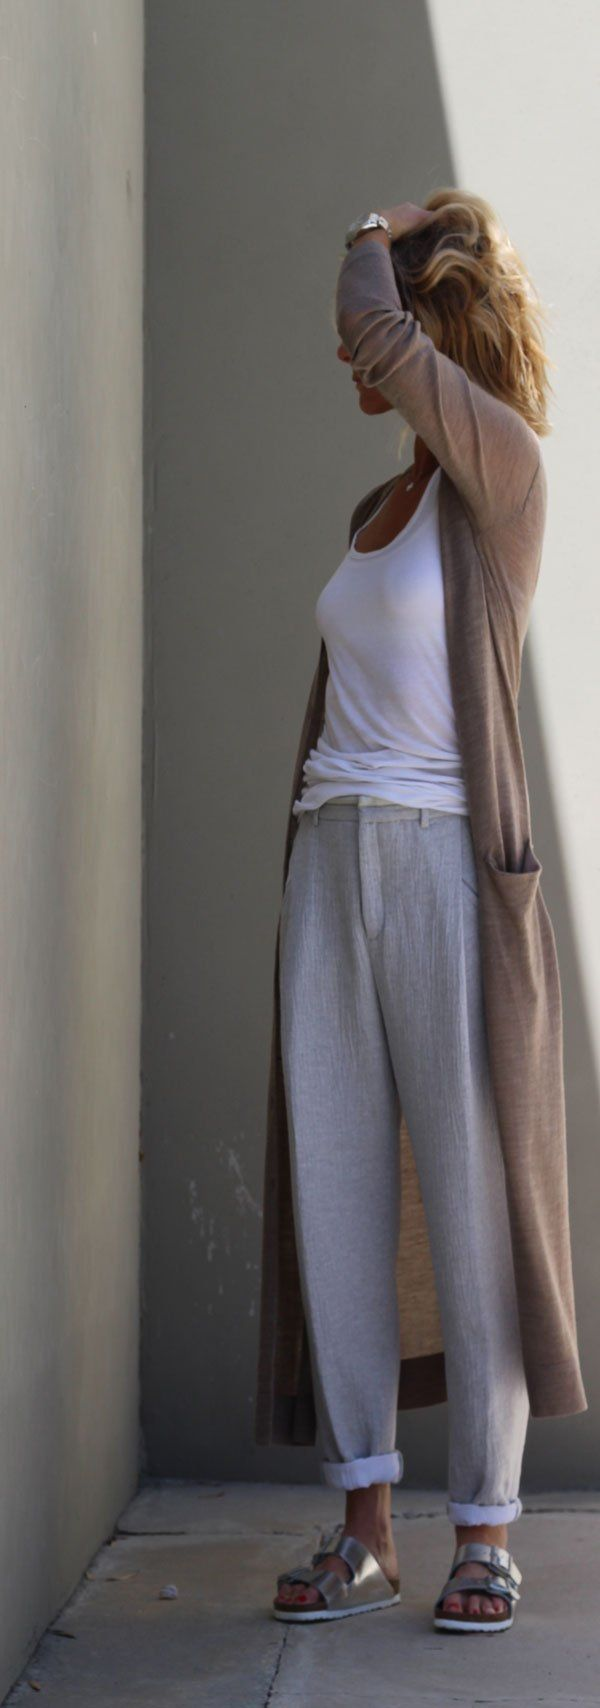 women's fashion ... casual but fabulous!